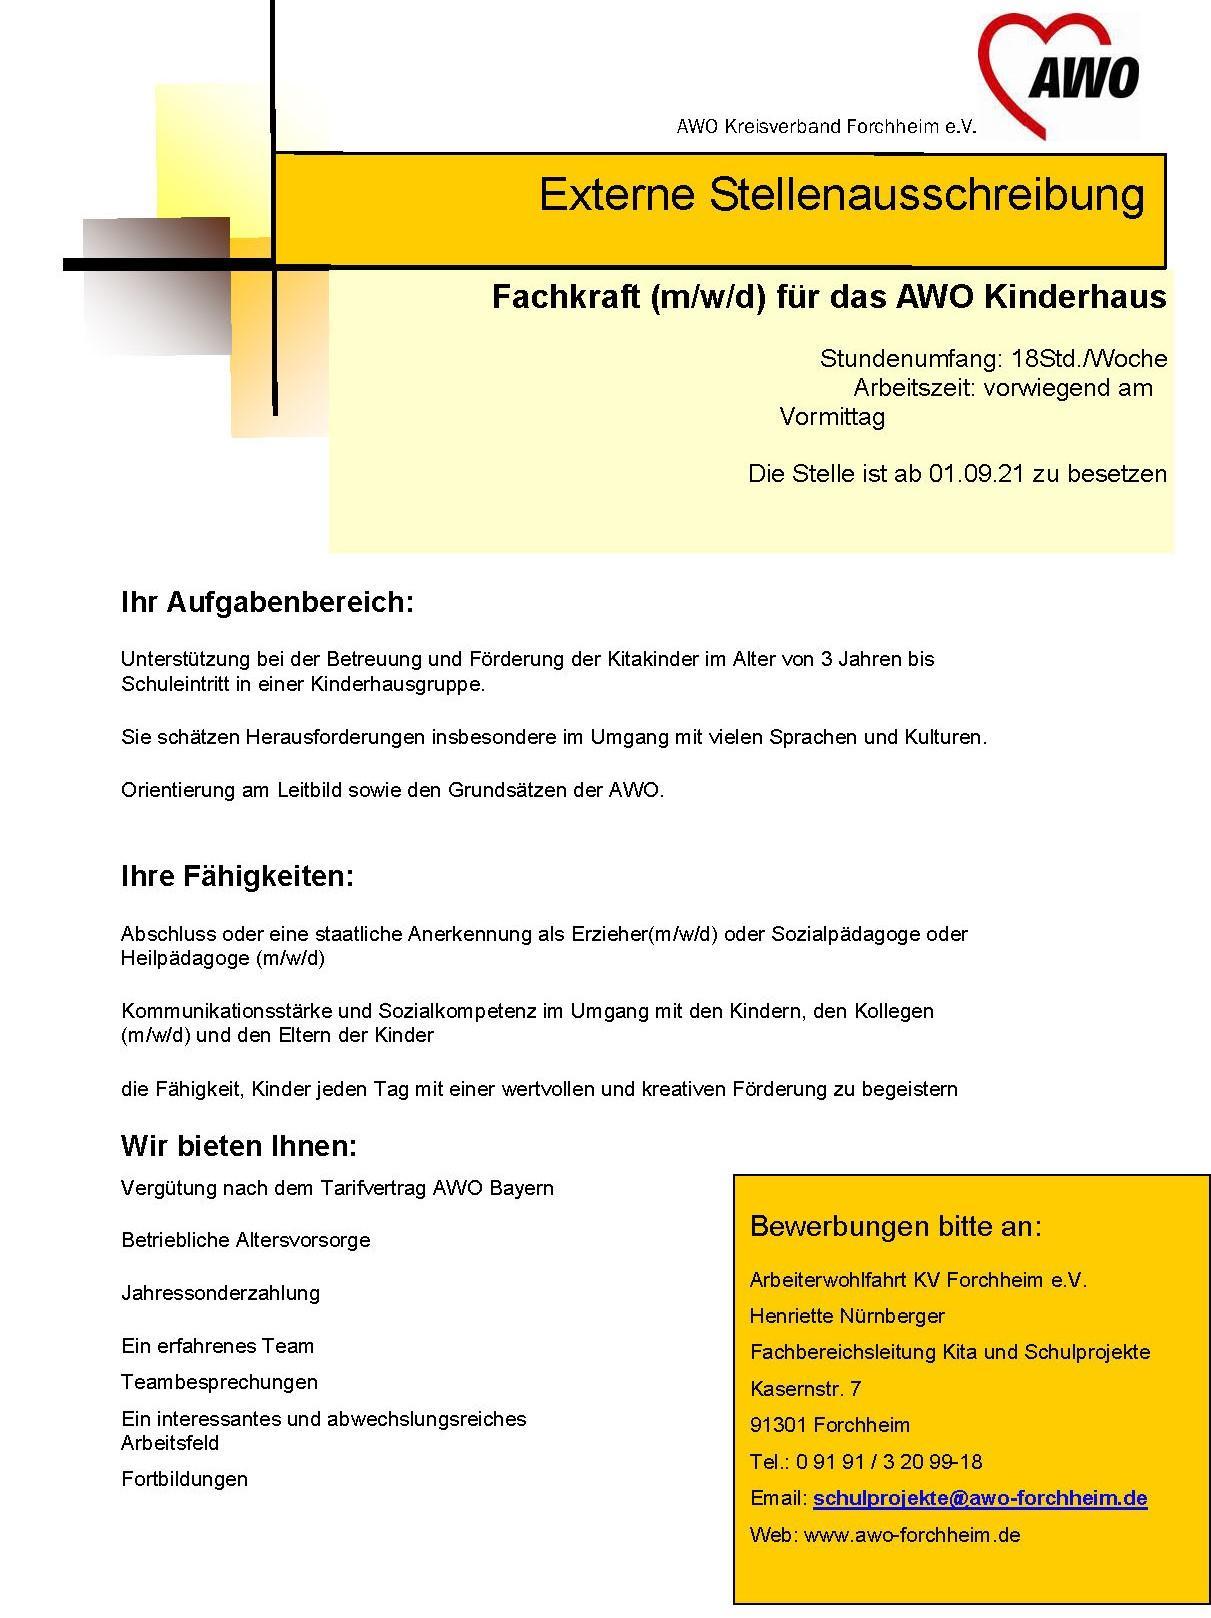 Fachkraft Hort AWO Forchheim